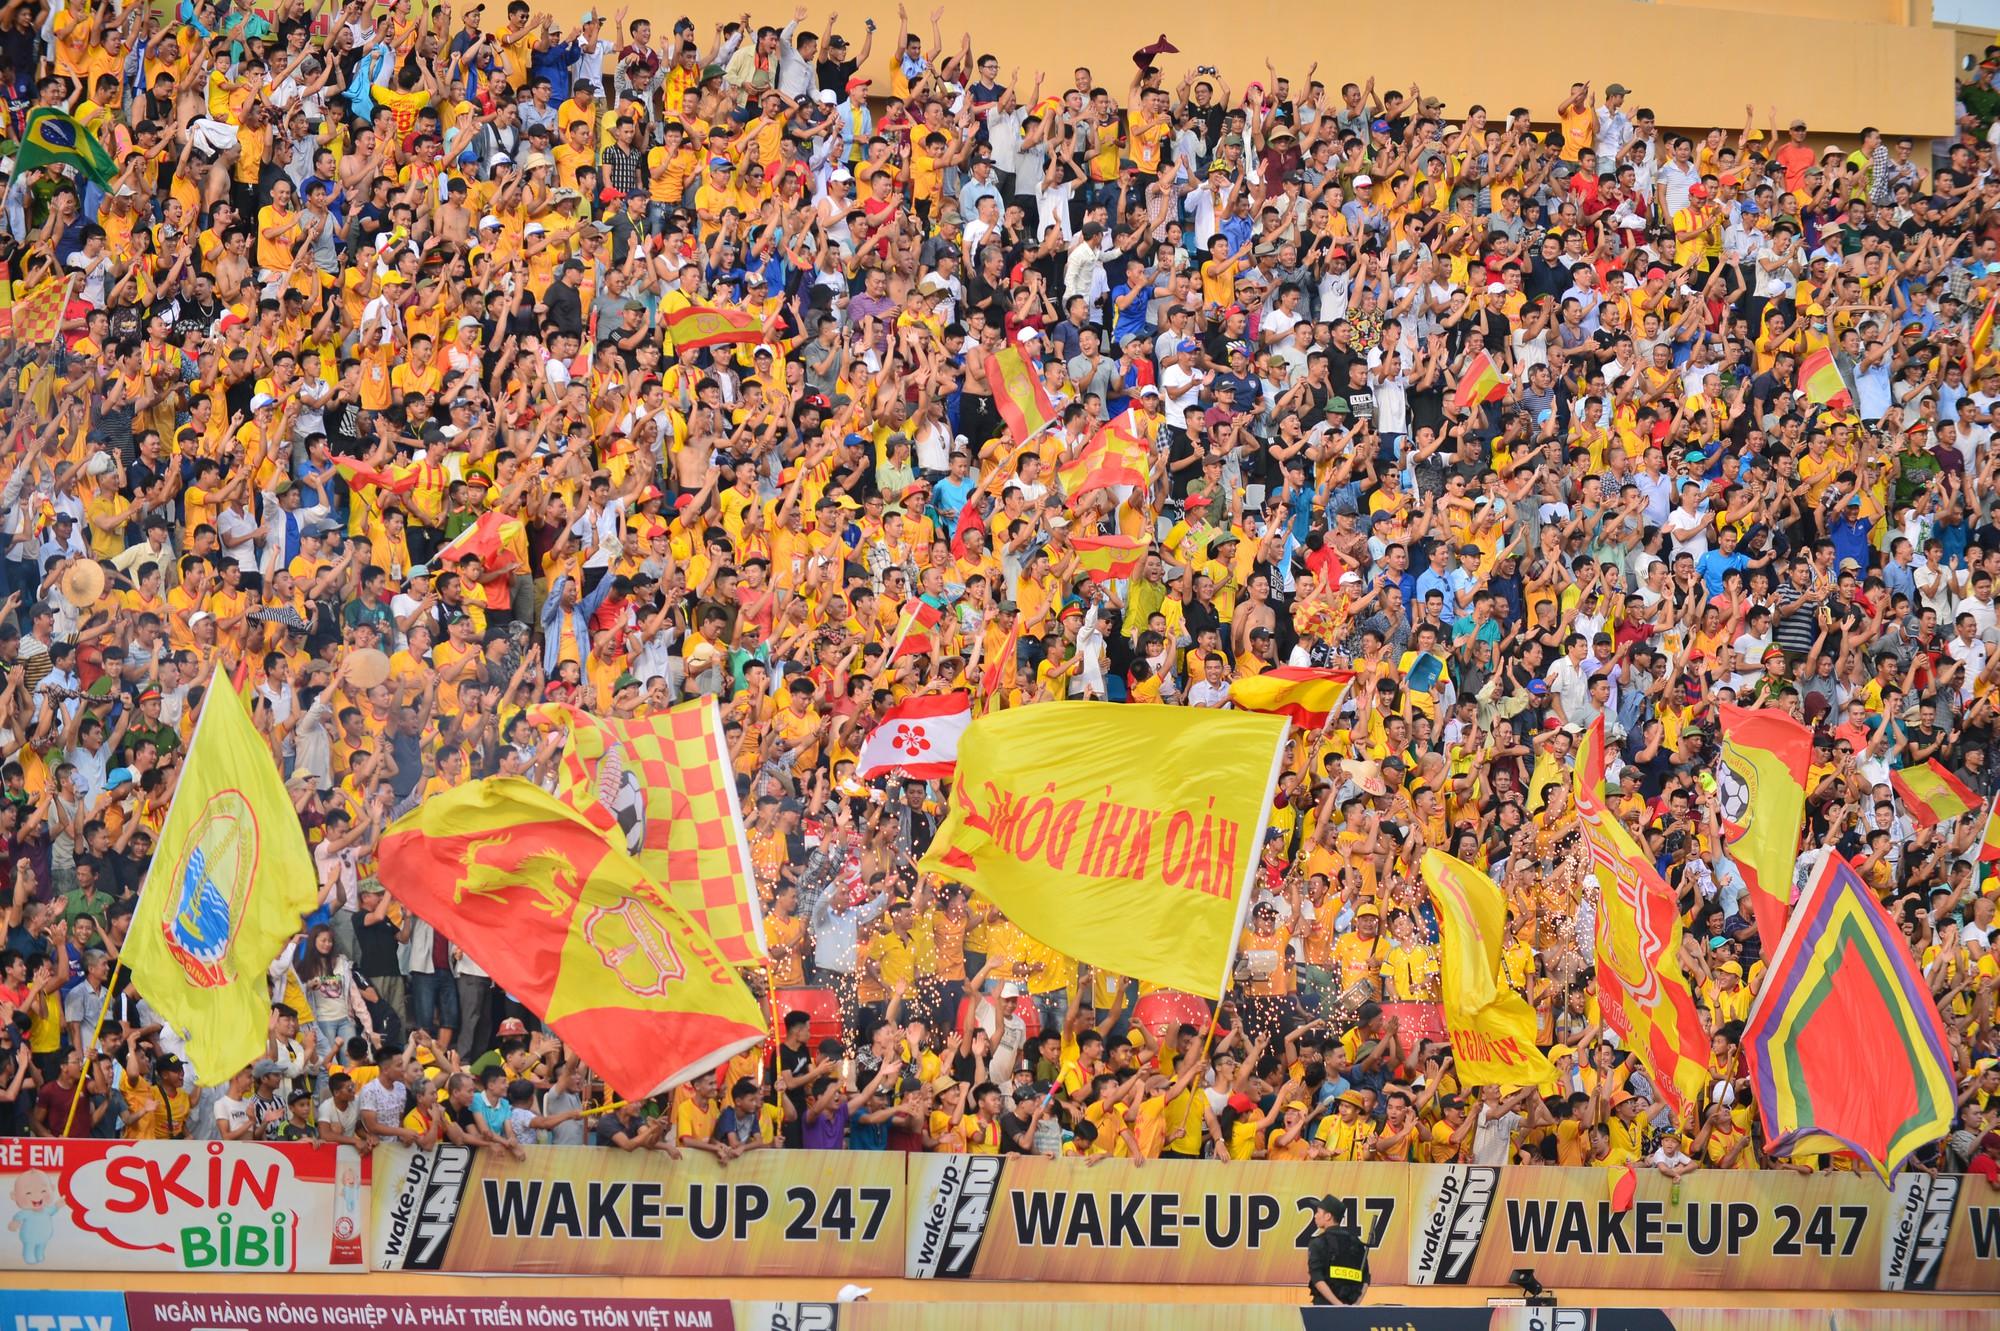 Hình ảnh: DNH.Nam Định:  Khán giả được vào sân, Thiên Trường sẽ được cả thế giới dõi theo số 1